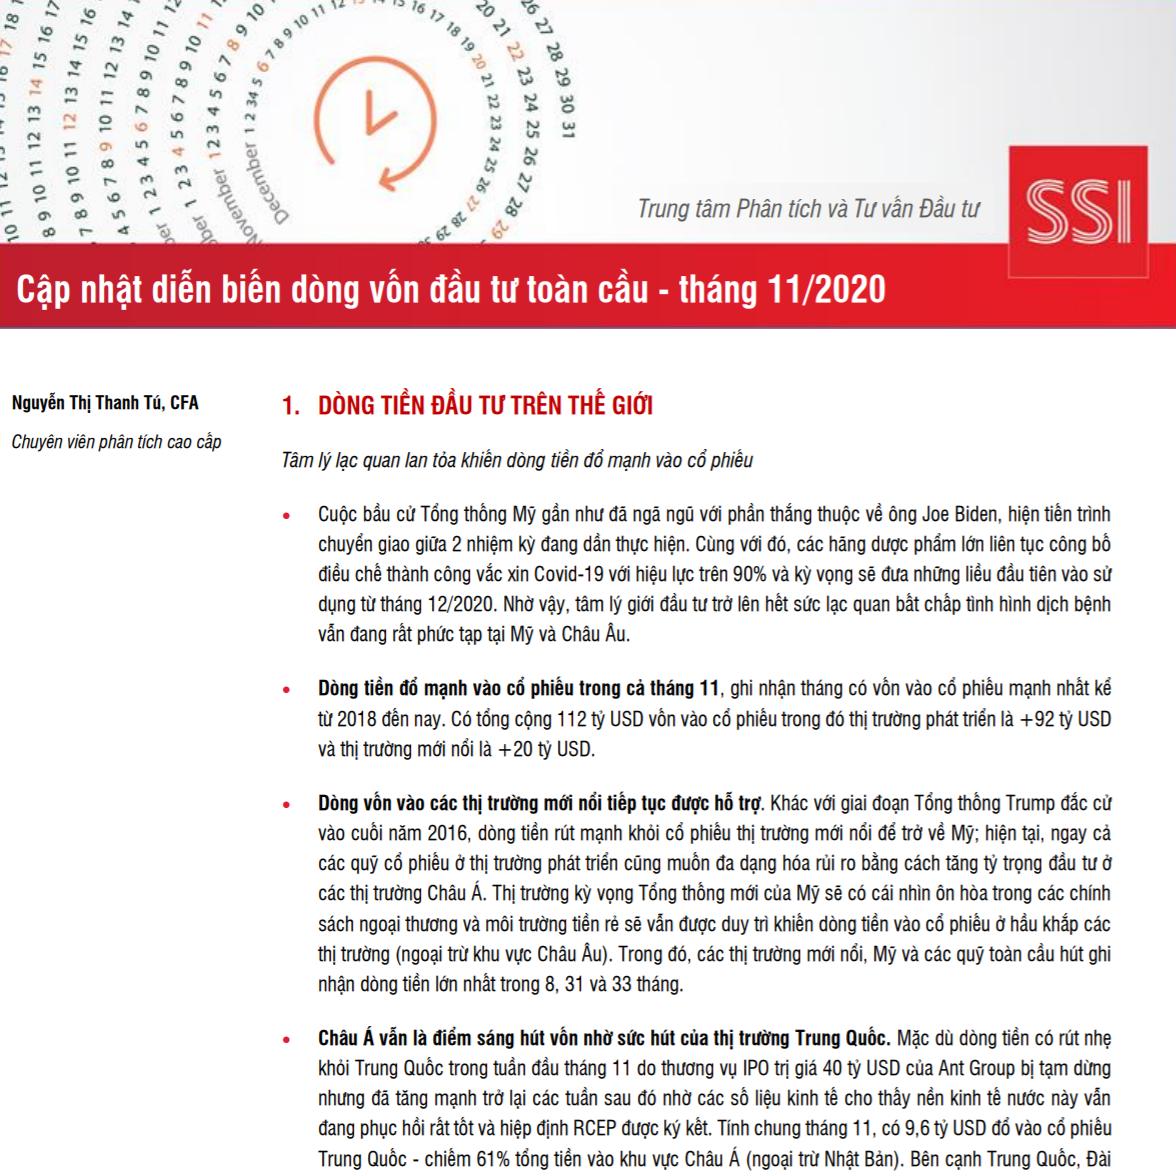 SSI Research: Cập nhật diễn biến dòng vốn đầu tư toàn cầu tháng 11/2020